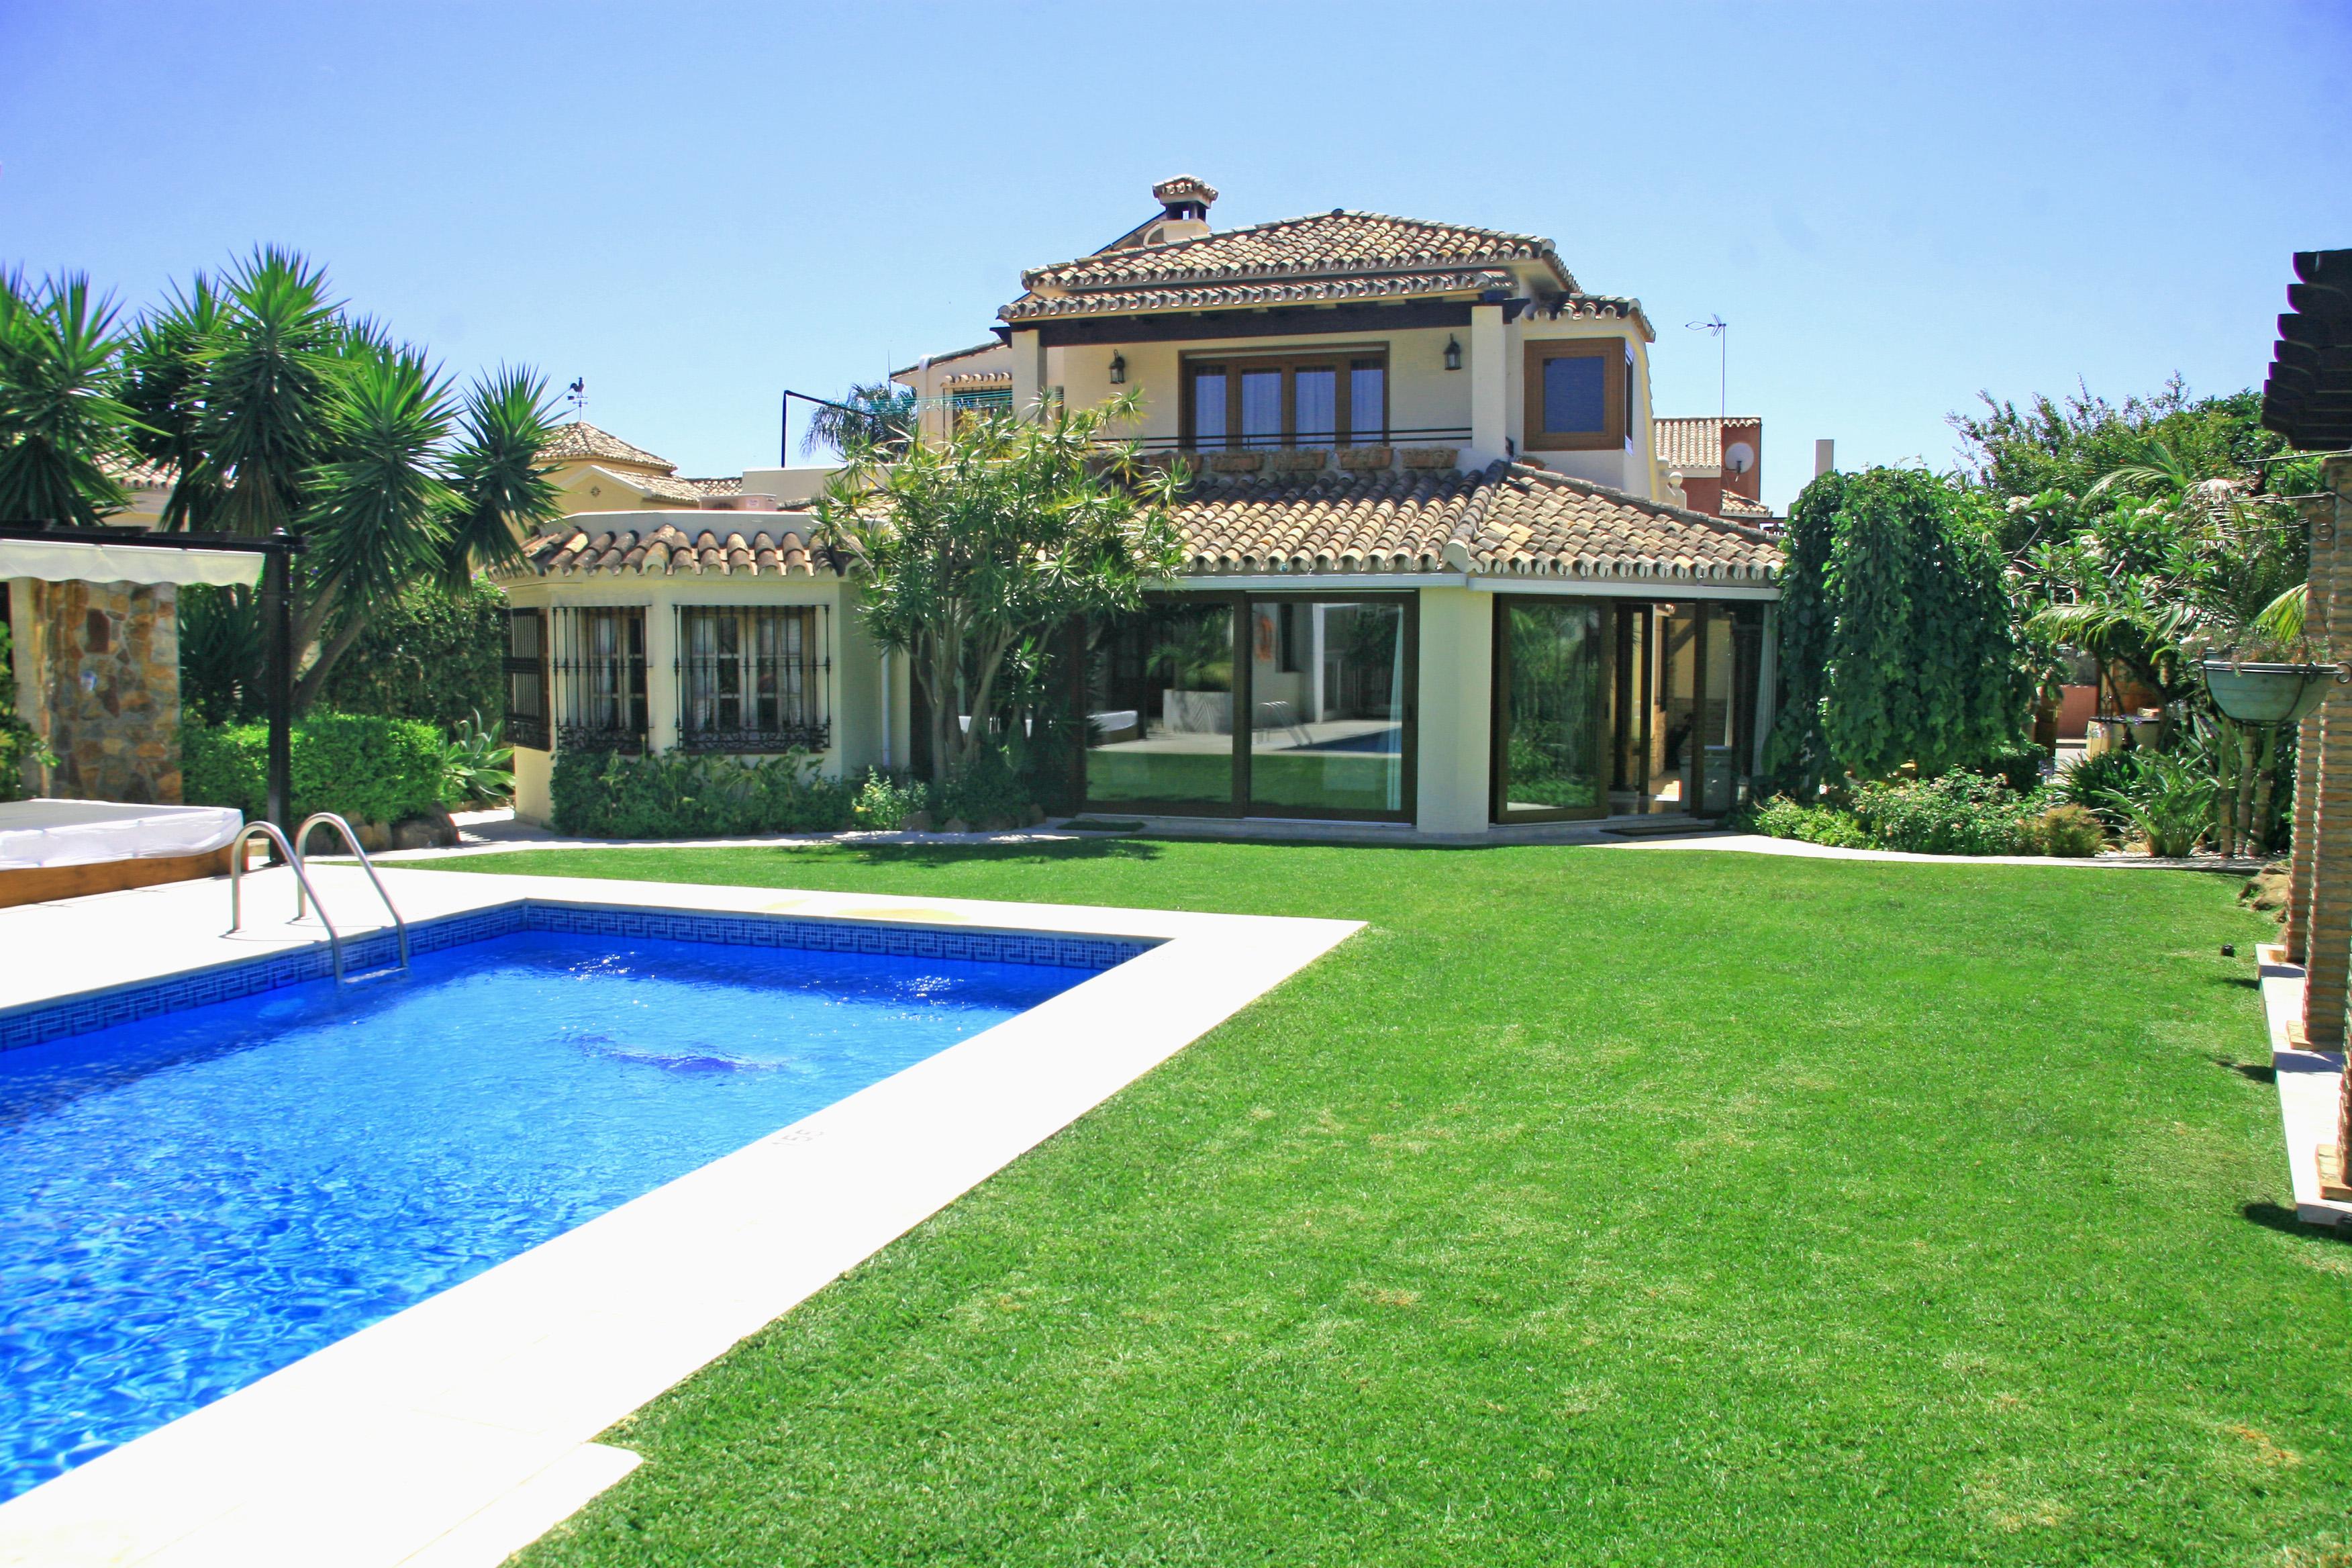 Location Villa Lux Guadeloupe